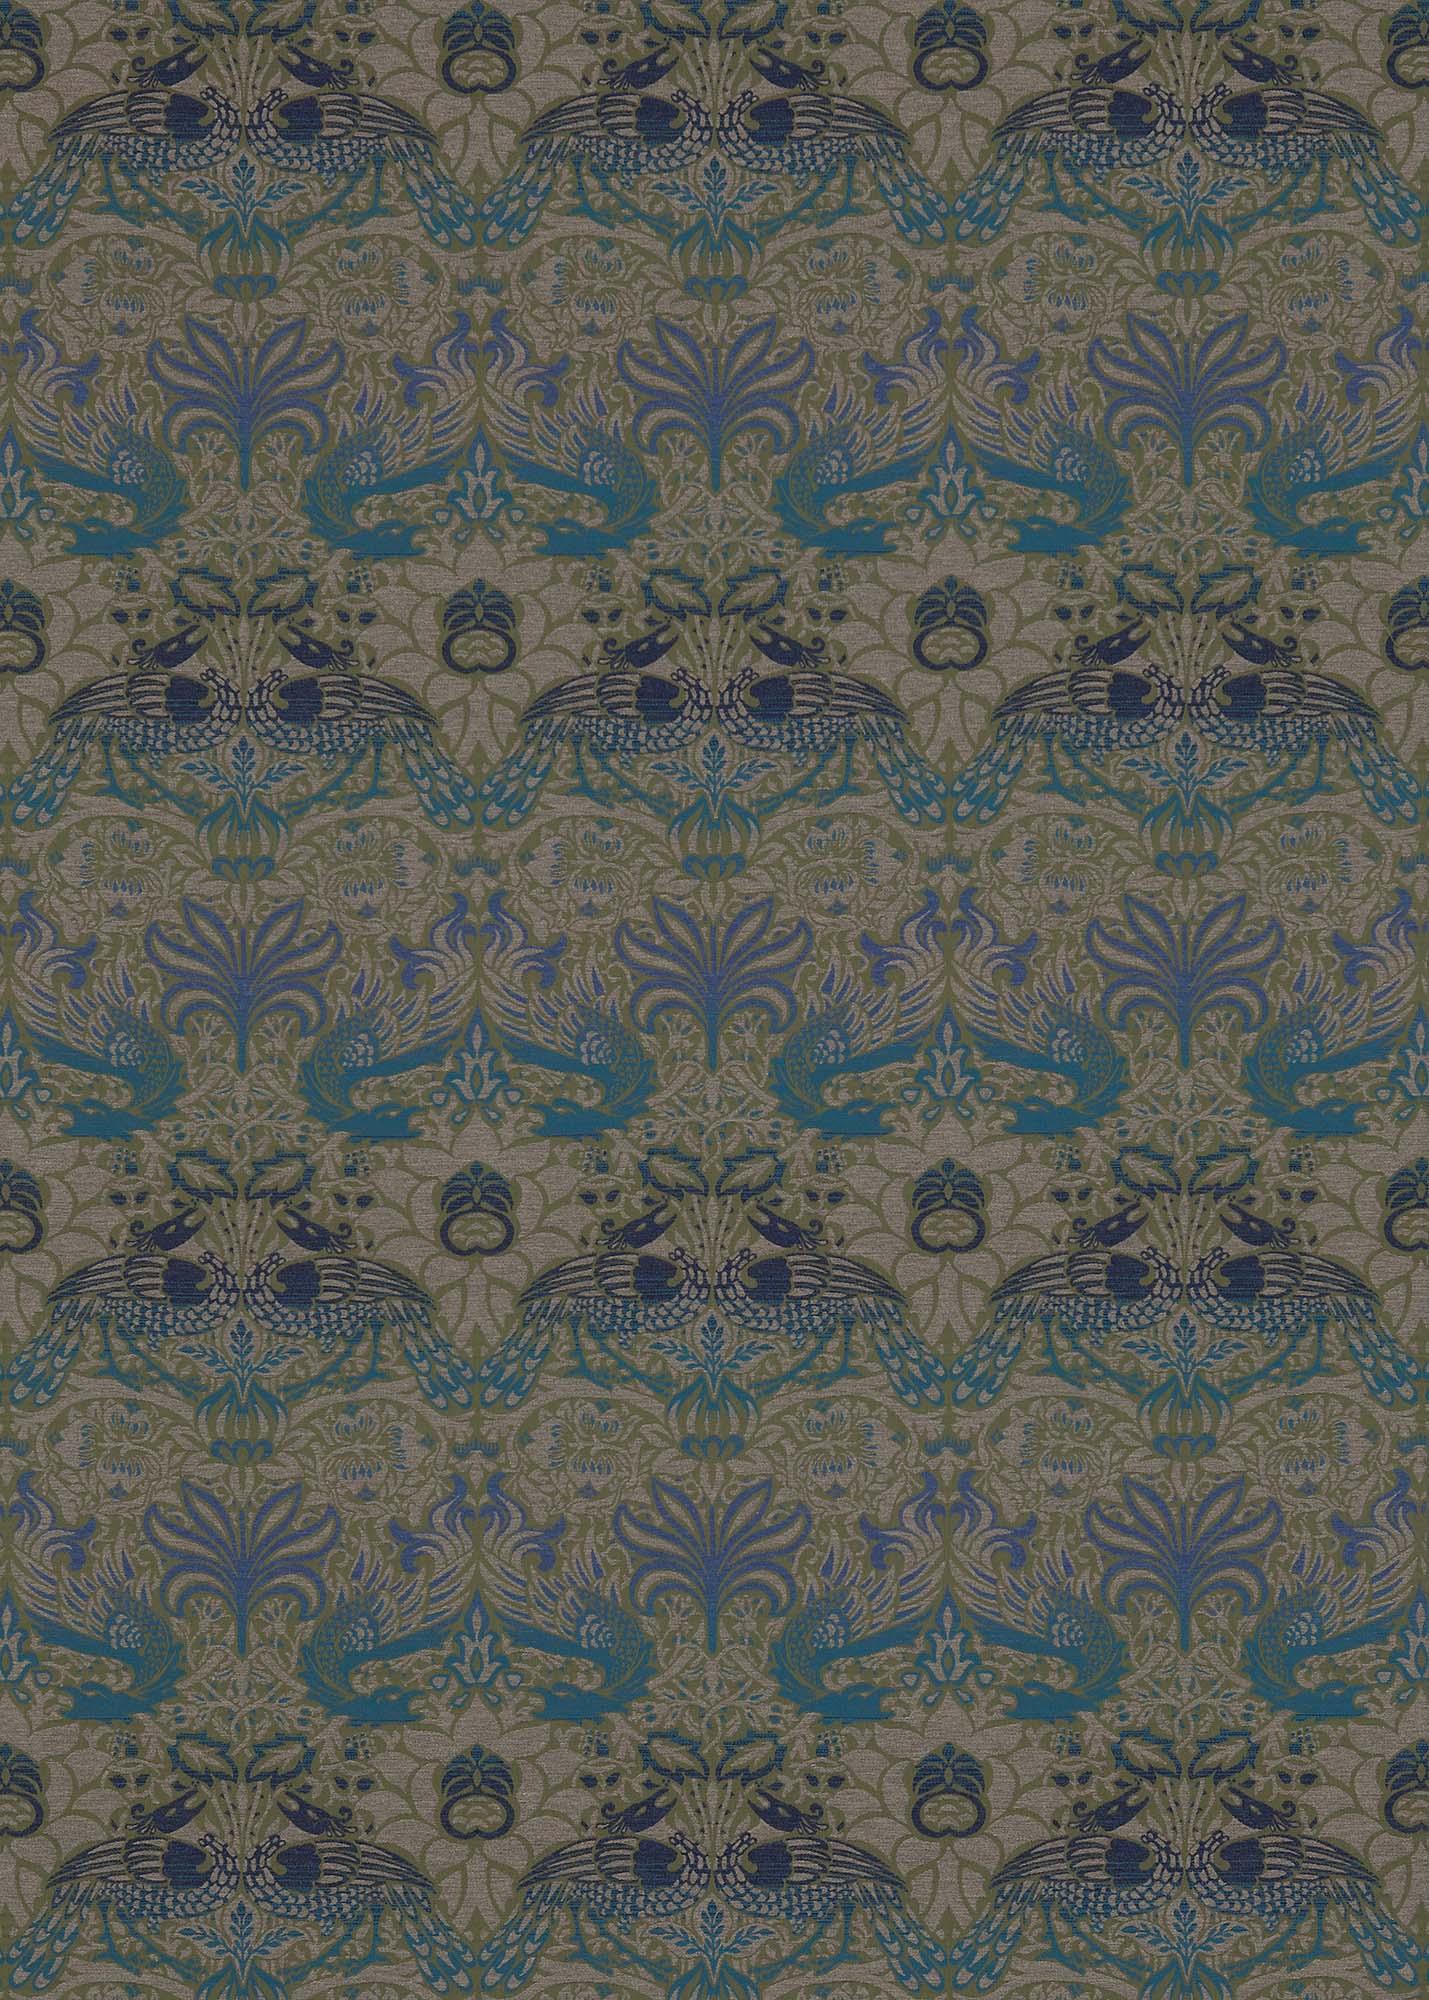 ウィリアムモリス生地 Peacock & Dragon 230302